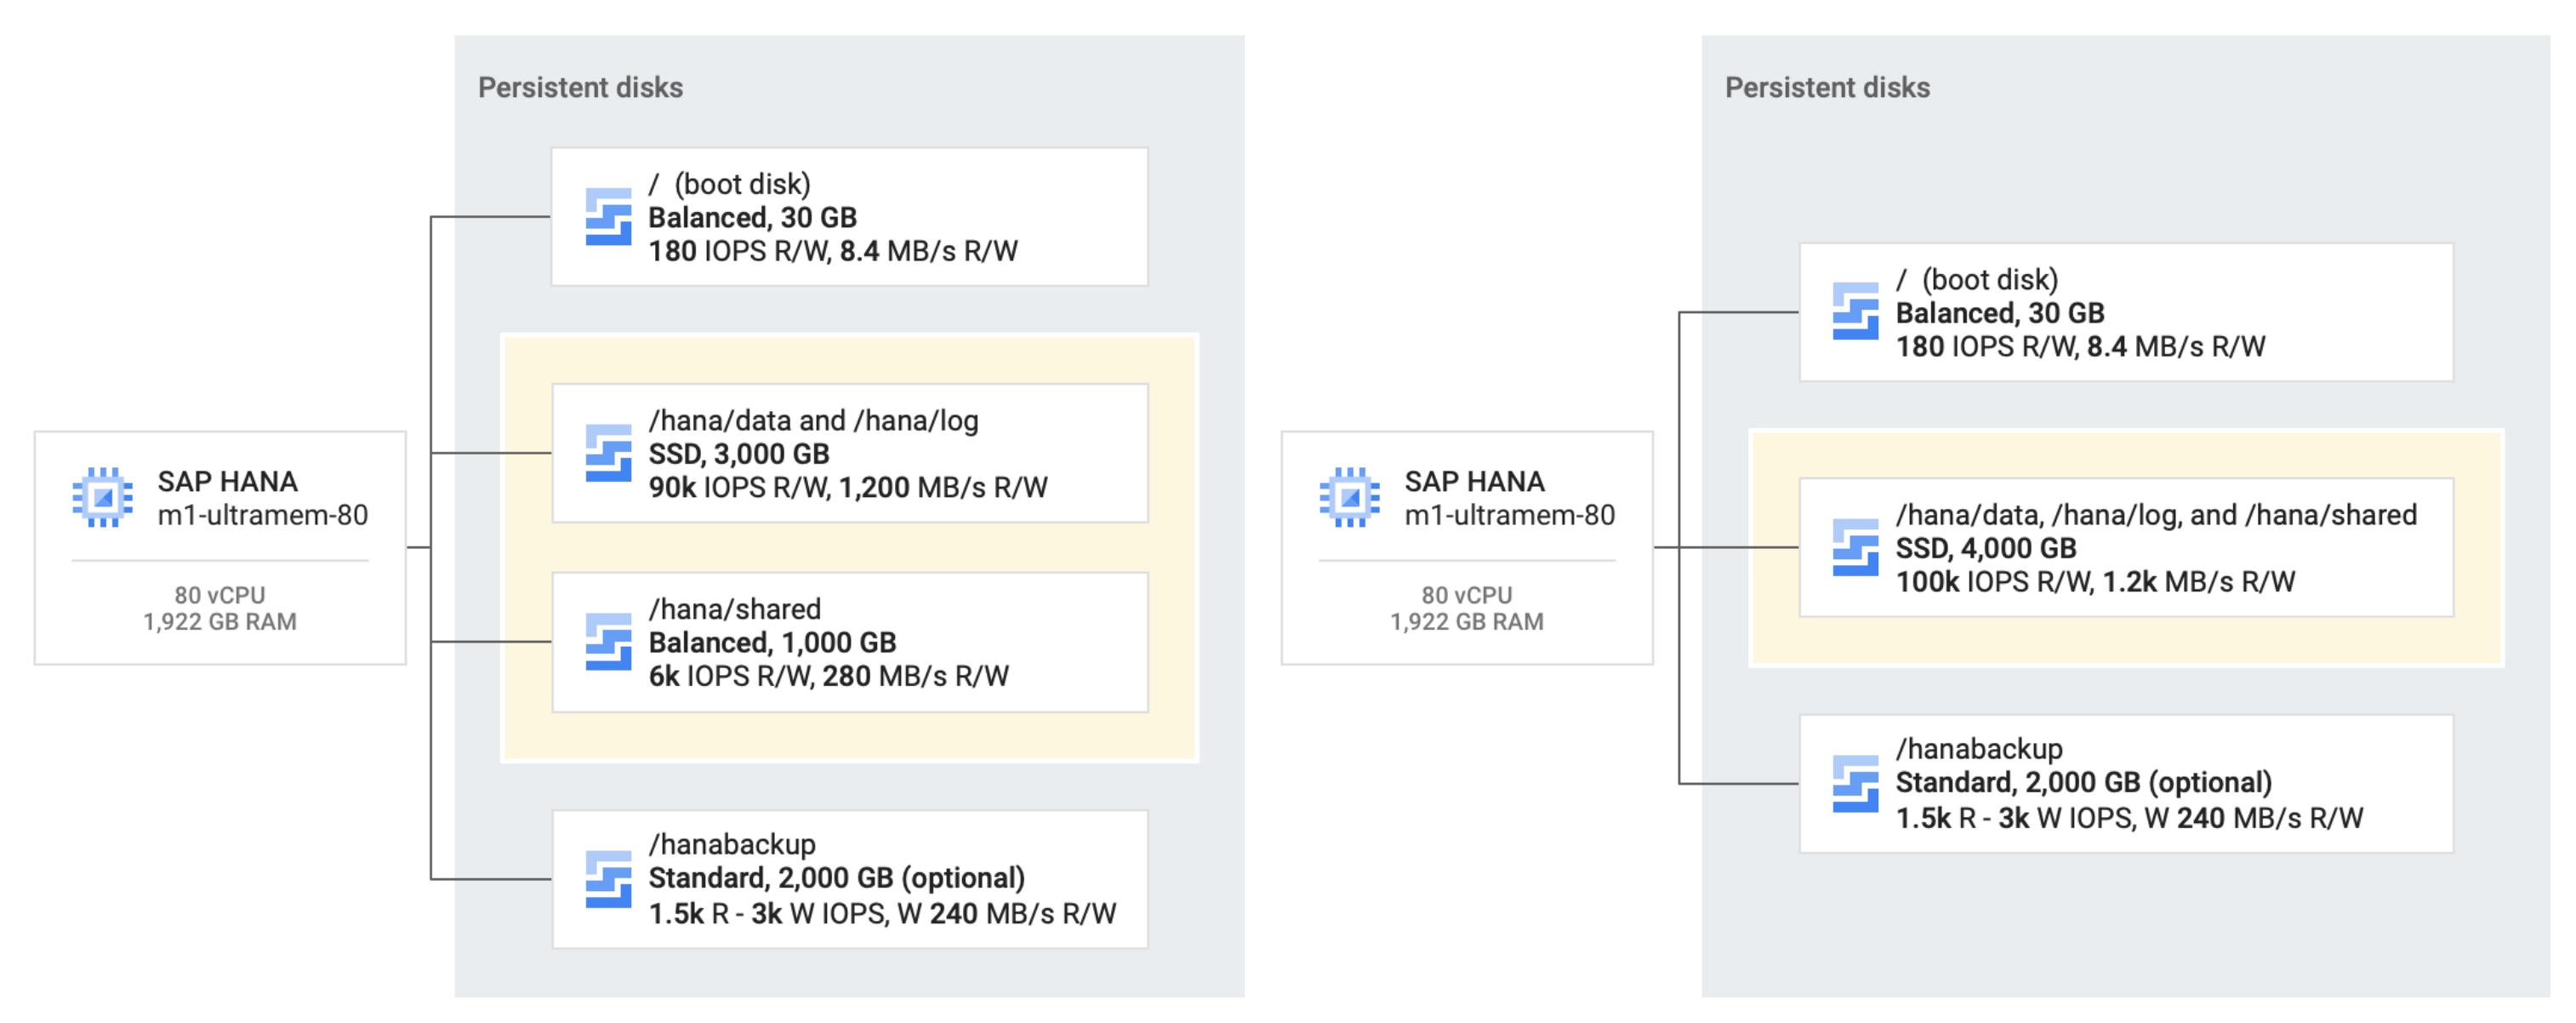 """此处显示了两个 SAP HANA 系统:左侧的系统的专用平衡的永久性磁盘上有""""/hana/shared"""",且 SSD 永久性磁盘上同时拥有""""/hana/data""""和""""/hana/log""""。另一个系统在单一 SSD 永久性磁盘(推荐架构)中同时拥有""""/hana/data""""、""""/hana/log""""和""""/hana/shared""""。"""